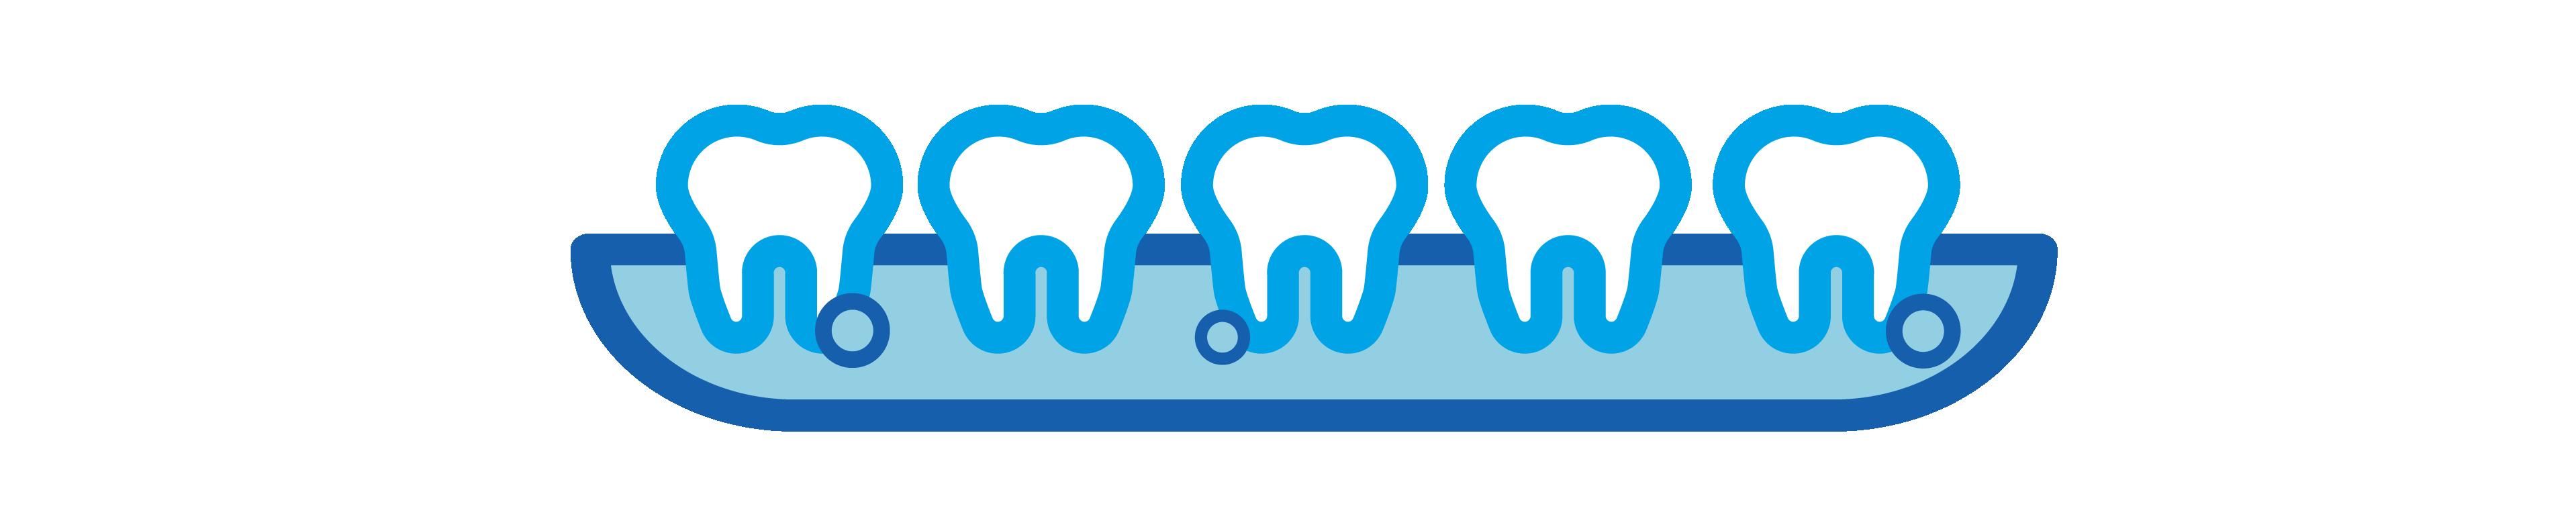 DentalEmergency_Blog_gaphics-06